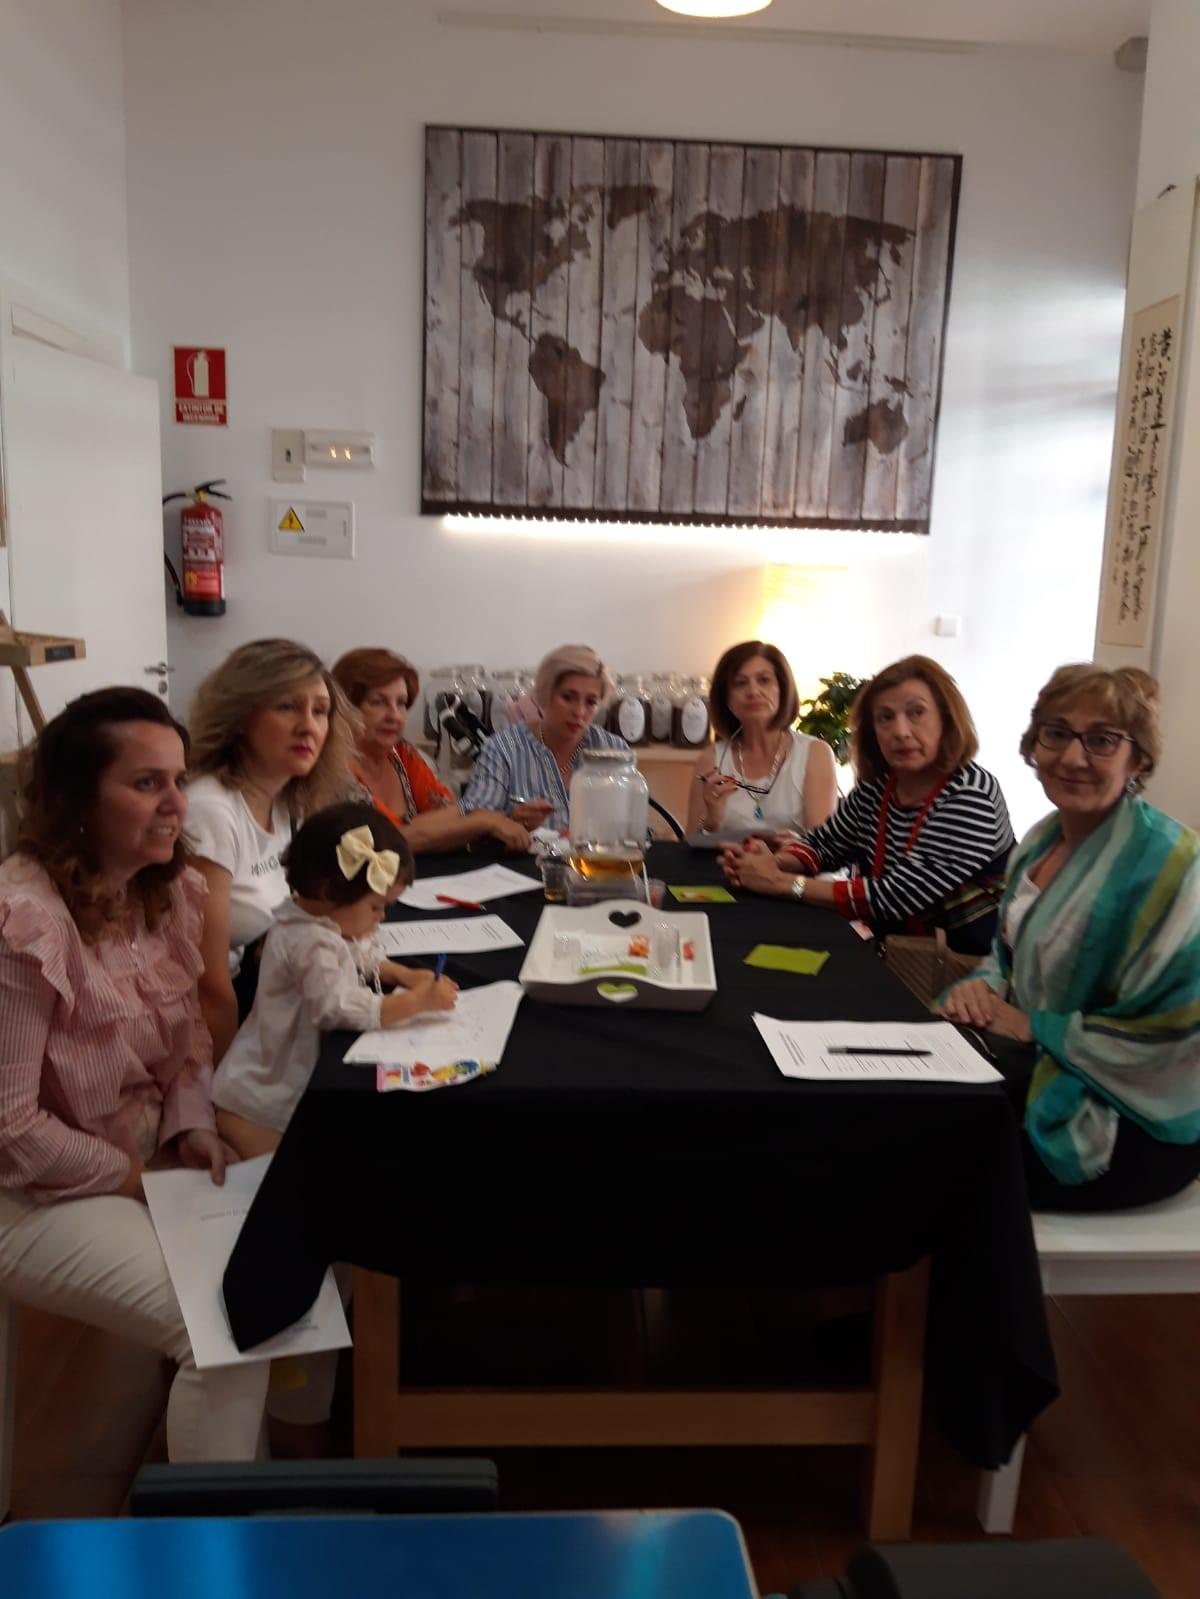 Momentos de la reunión en Tiendas Bonisimo